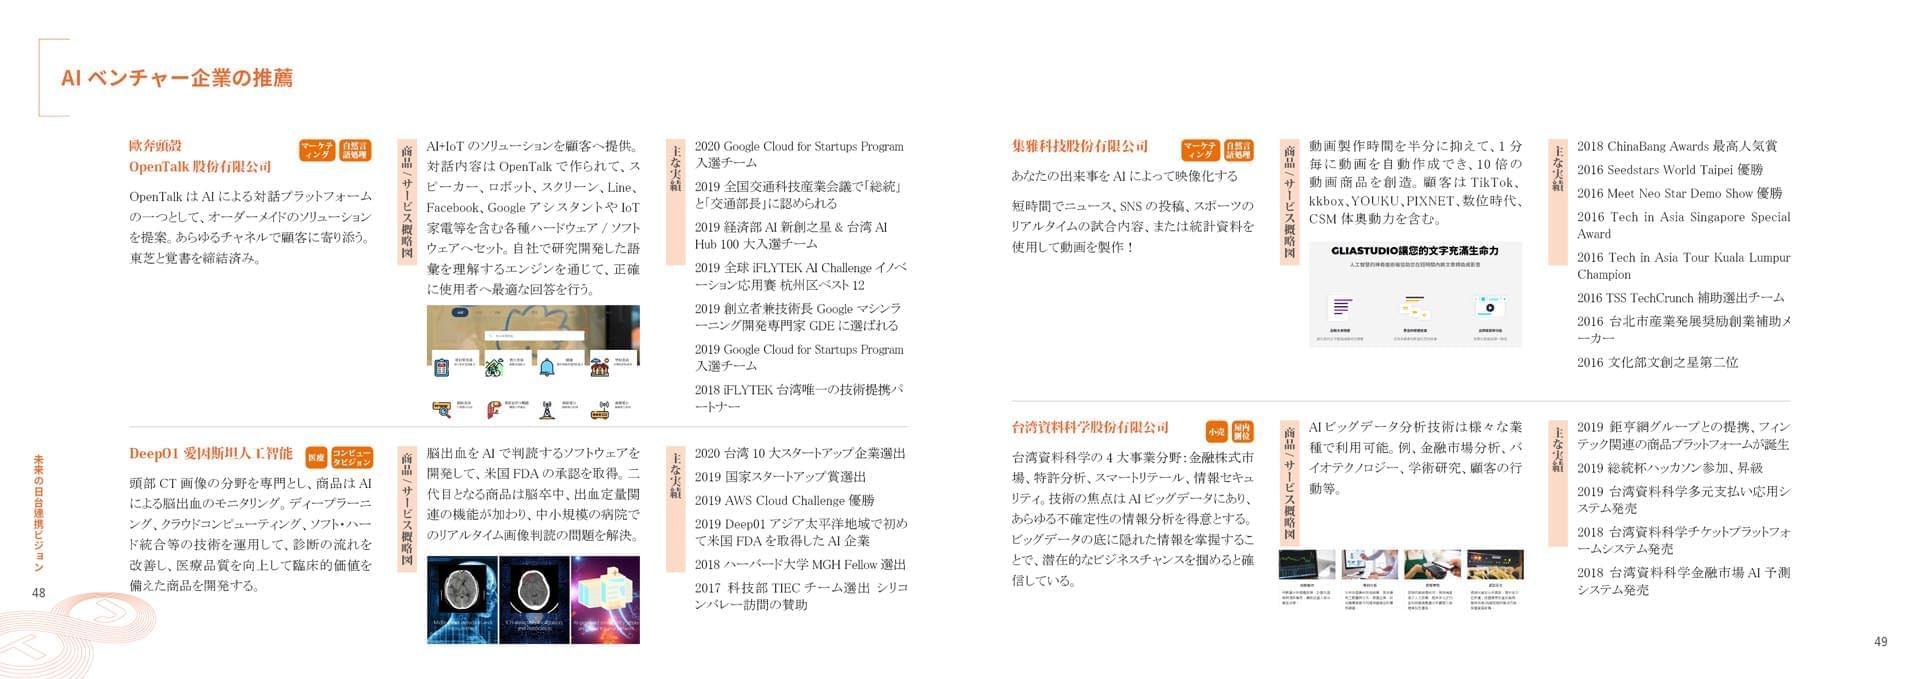 台日型錄-日文版60頁-第二次修改070227